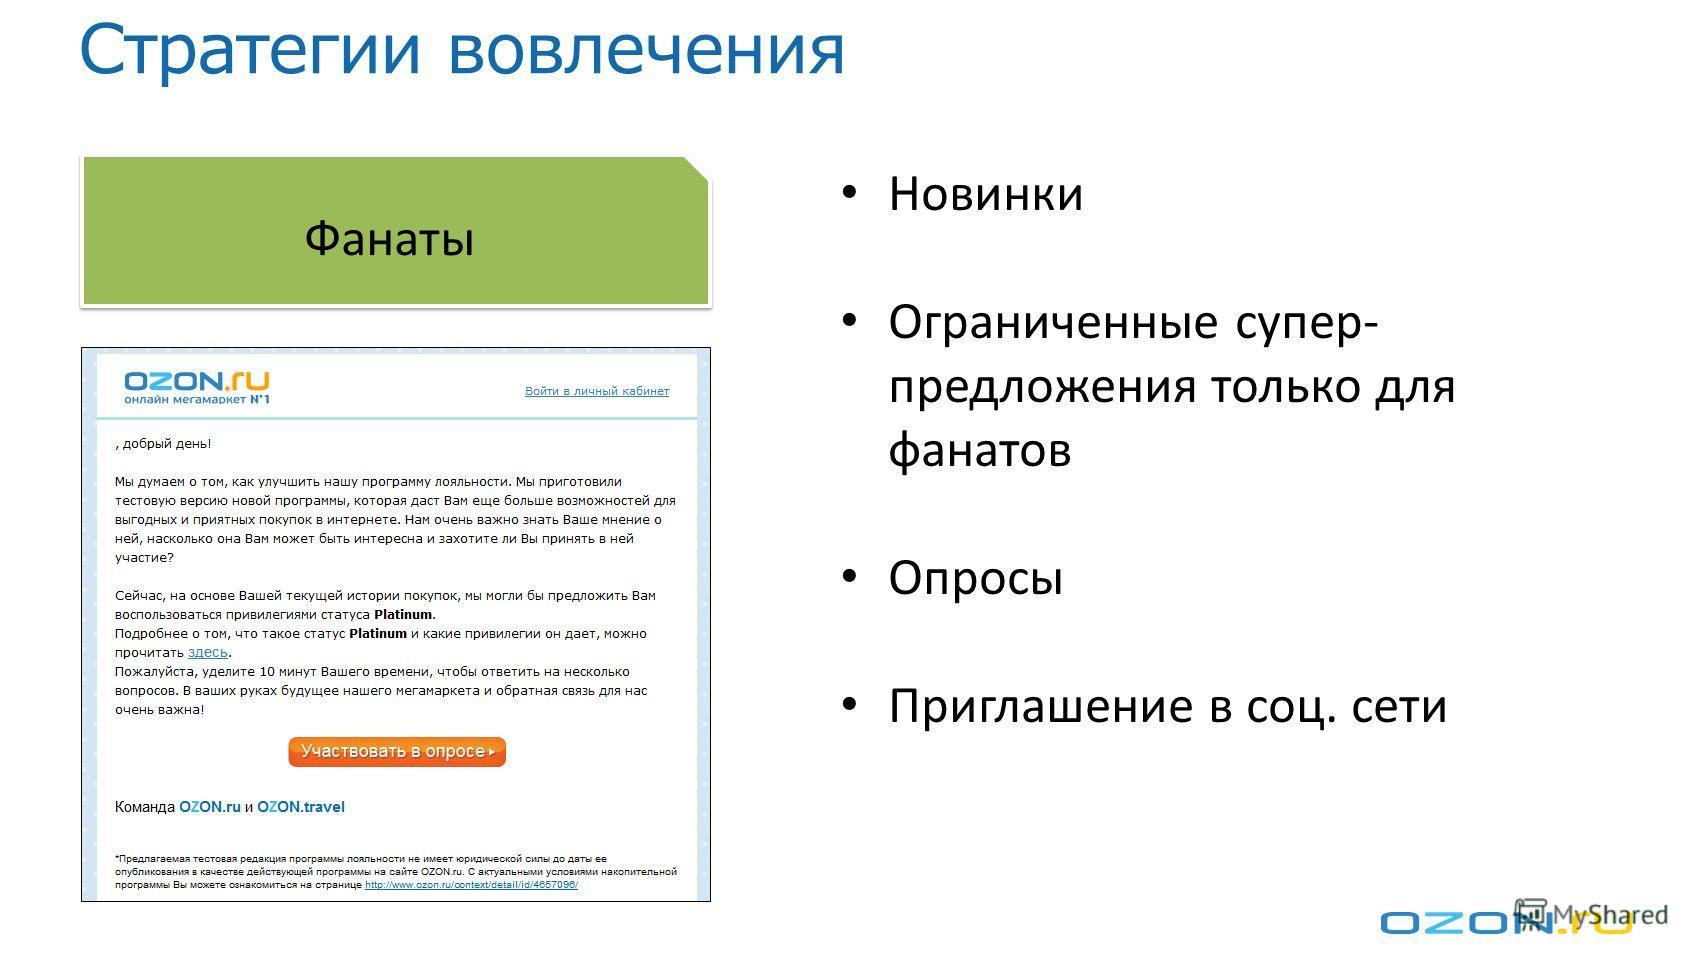 Стратегии вовлечения Фанаты Новинки Ограниченные супер- предложения только для фанатов Опросы Приглашение в соц. сети